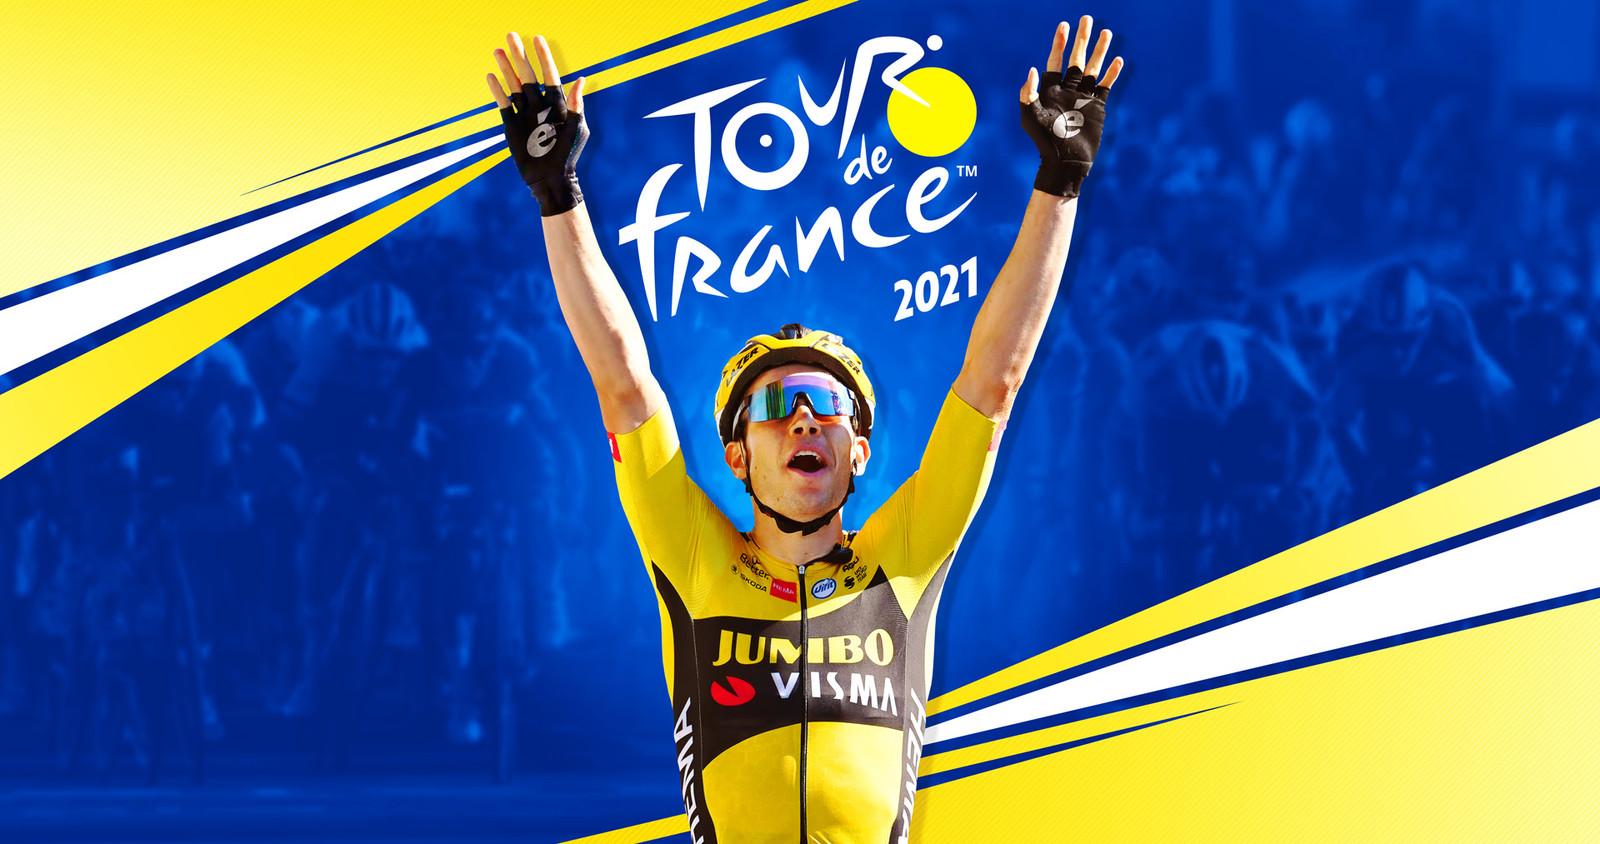 Van Aert op de cover van 'Tour de France 2021'.